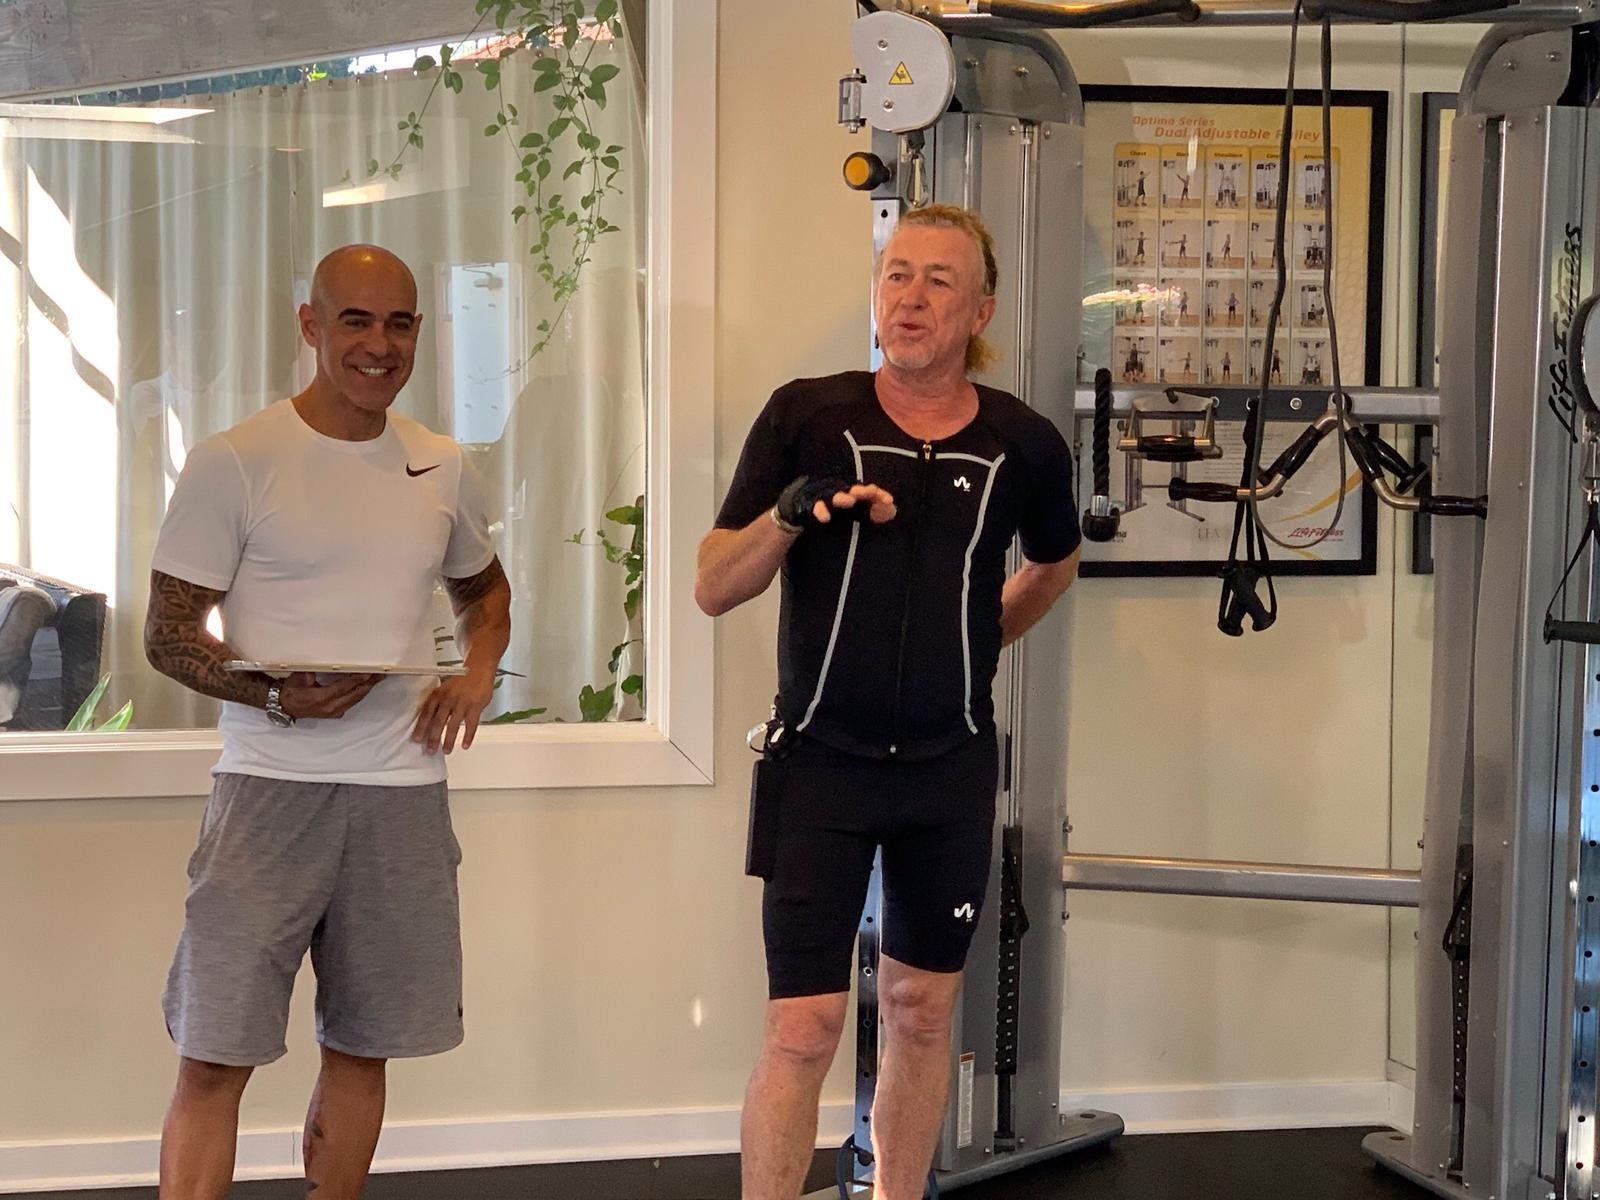 Miguel Ángel Jiménez muestra en Golf Channel sus rutinas de entrenamiento con Wiemspro